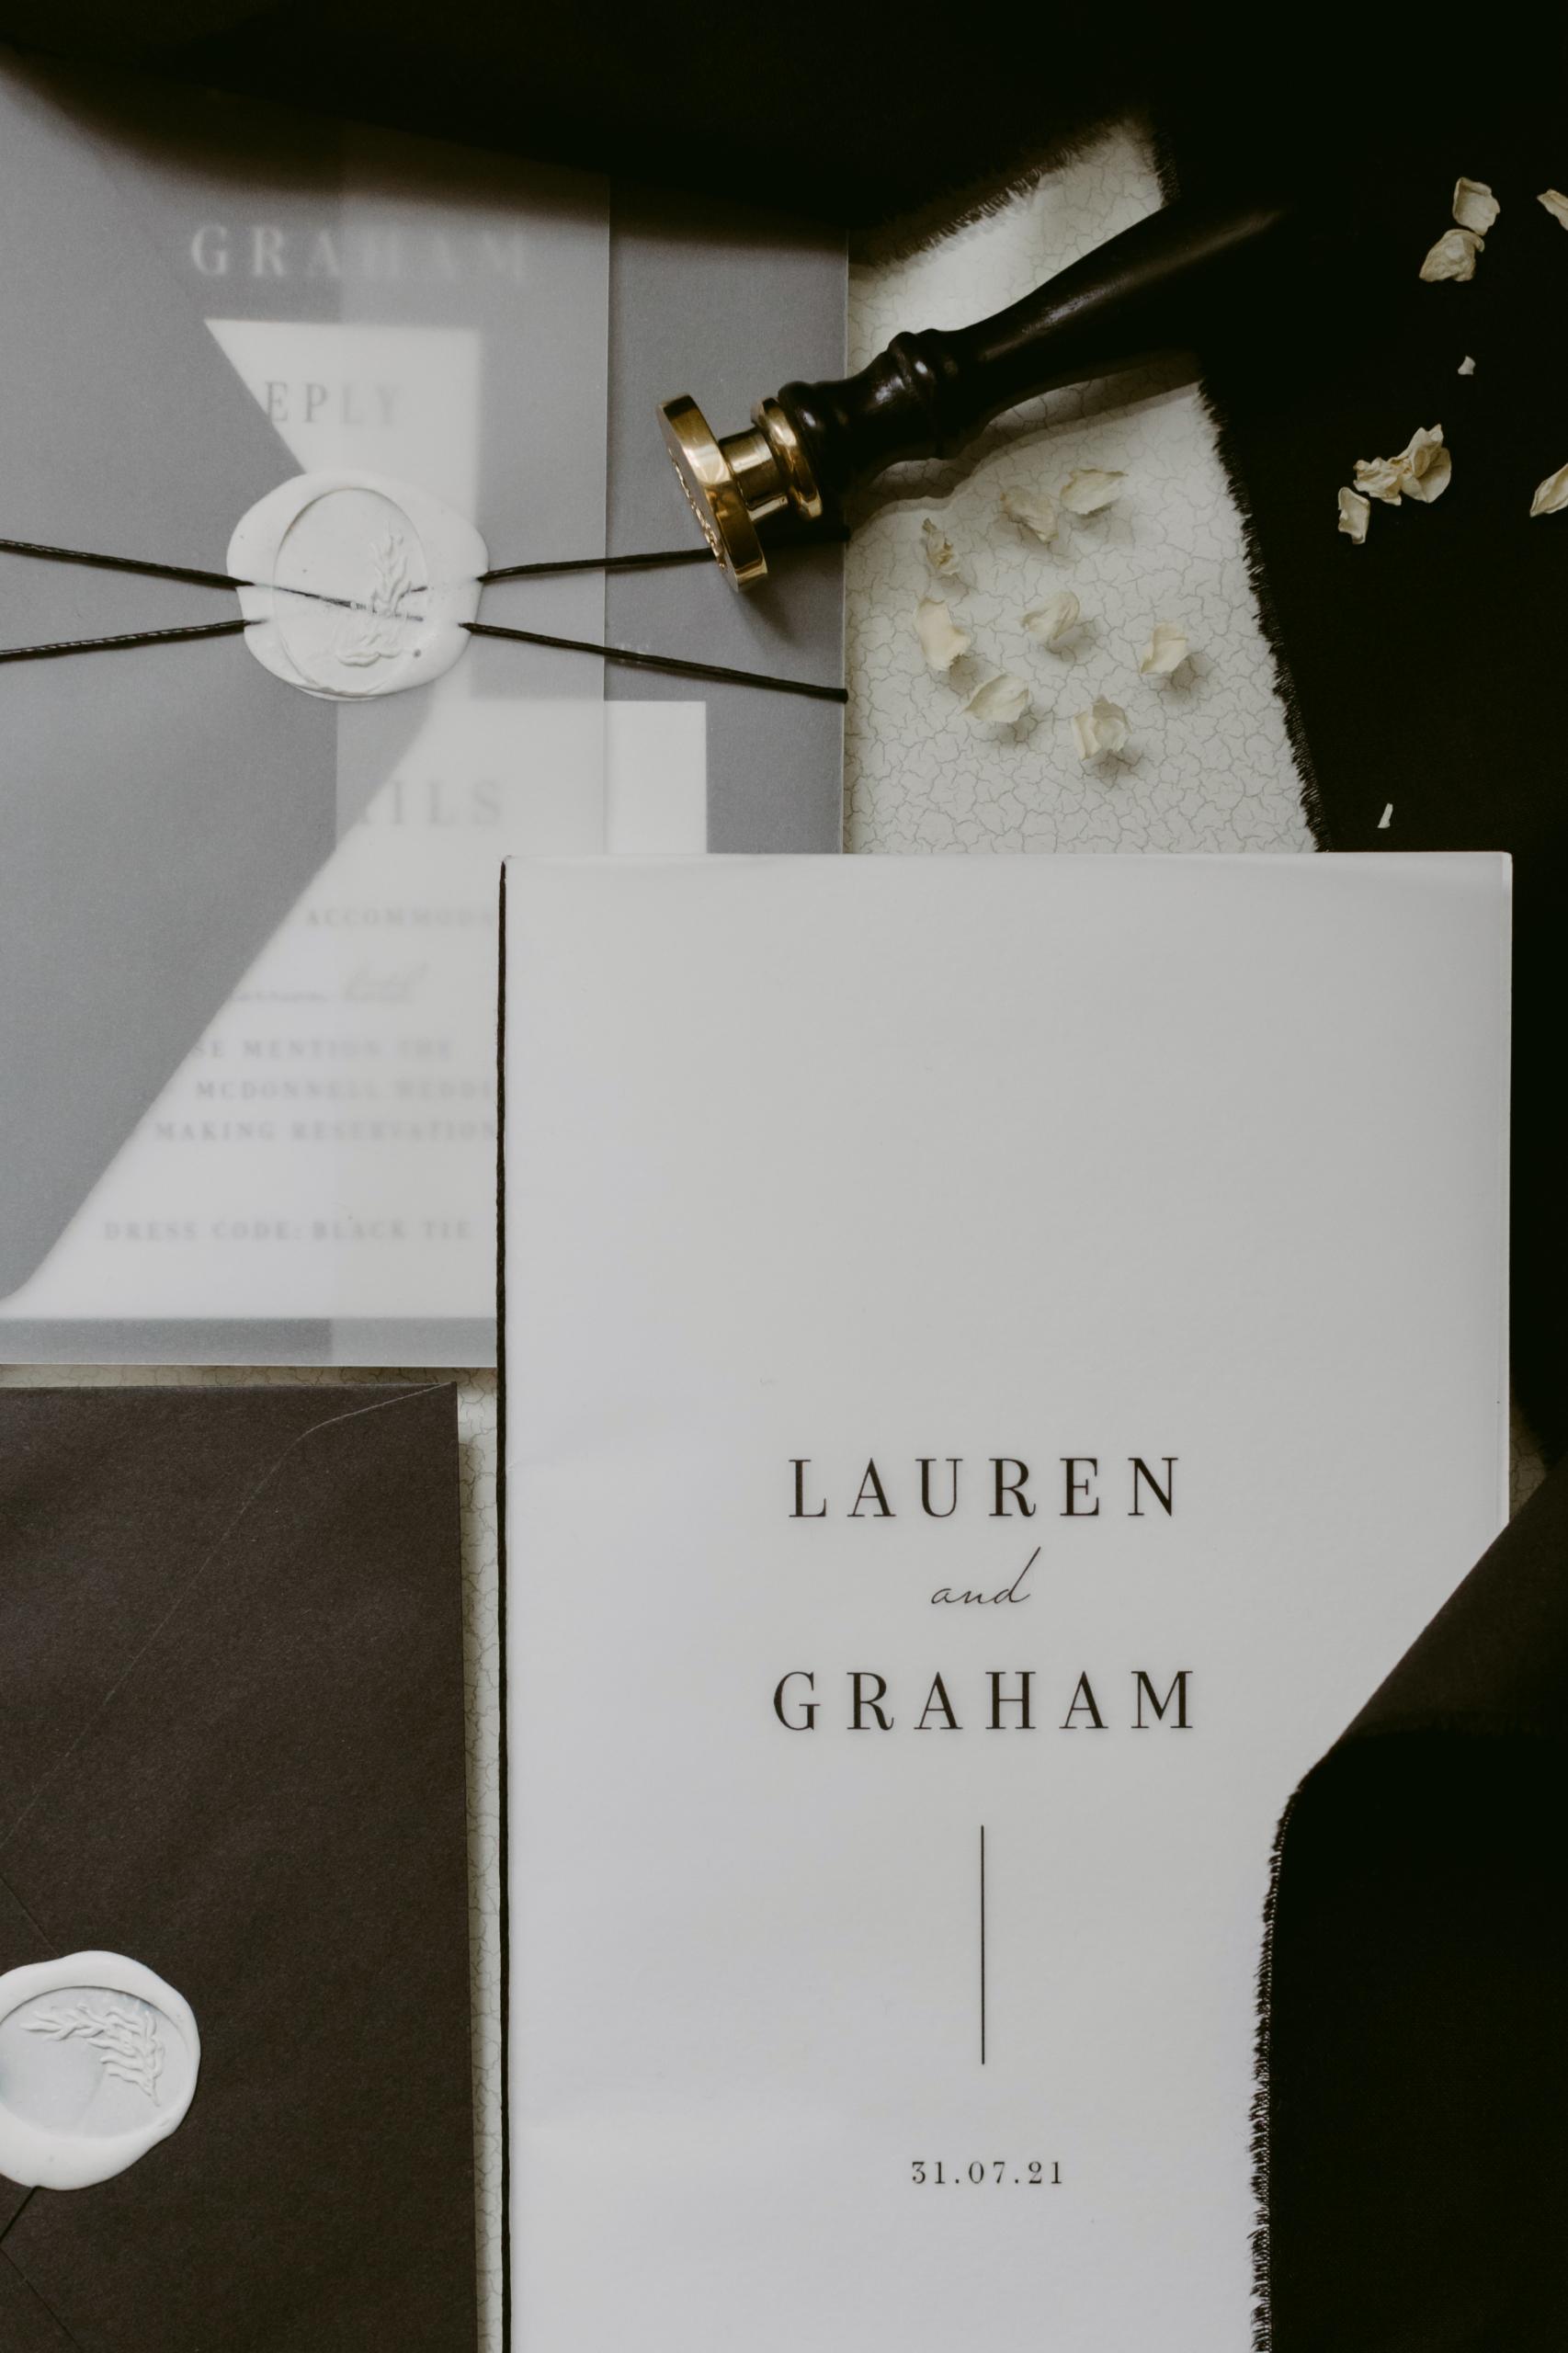 Lauren and Graham